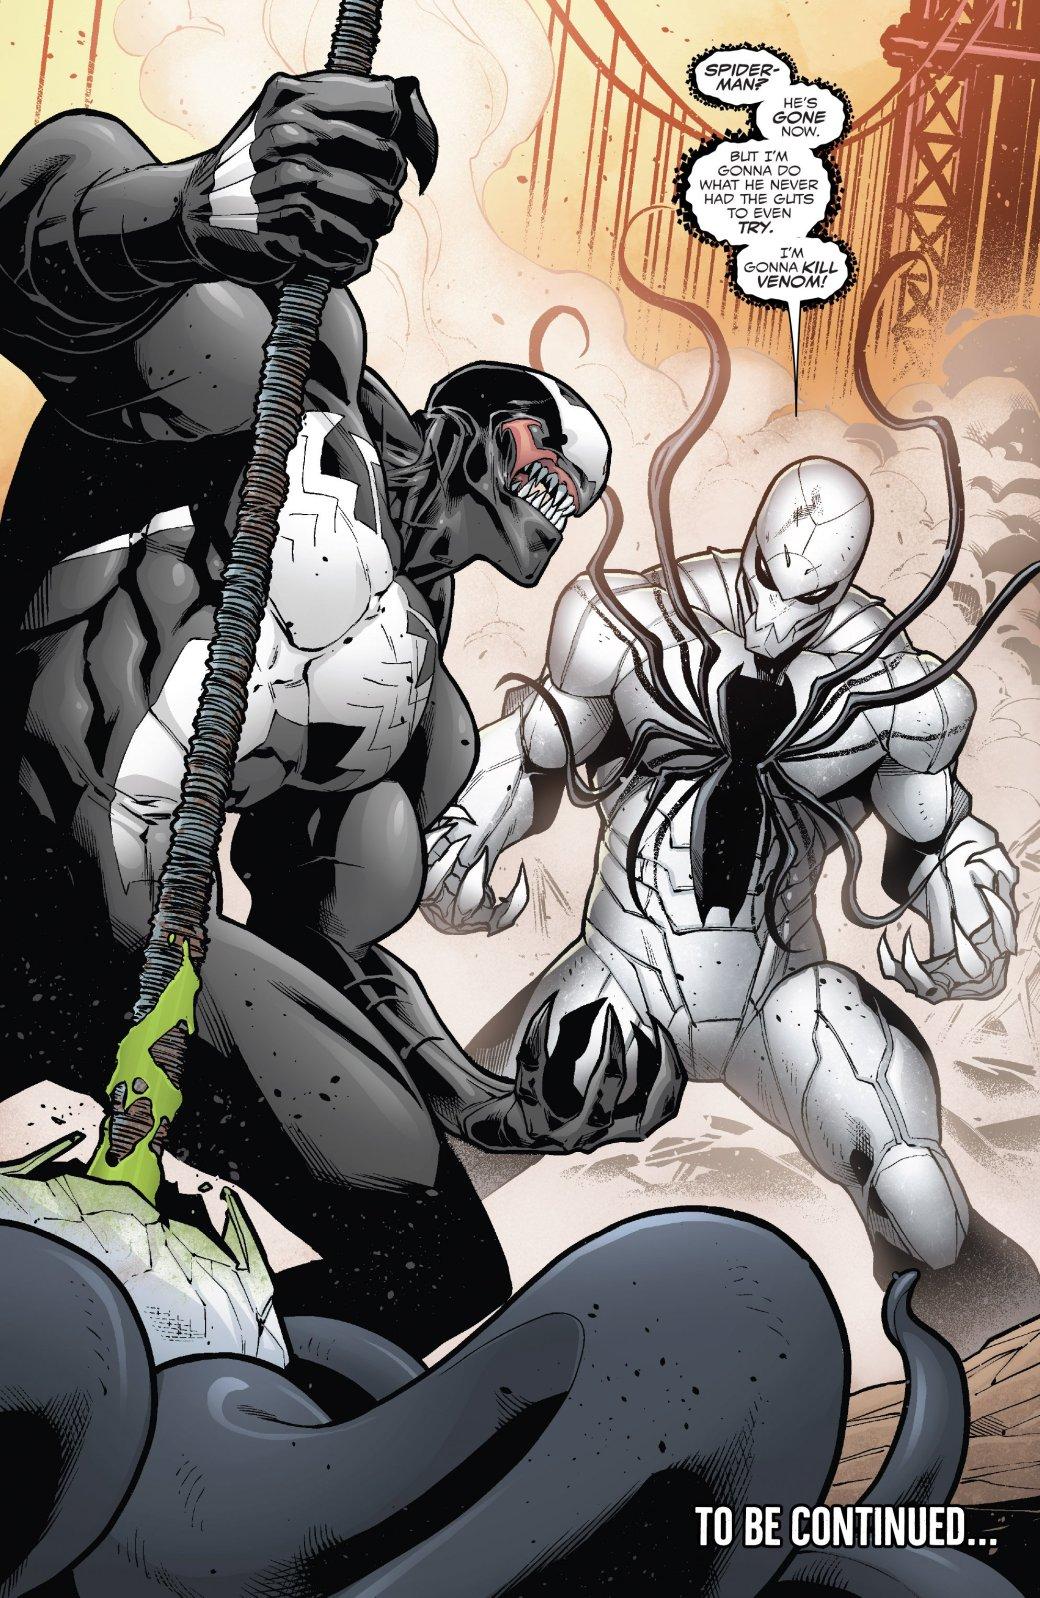 Venomverse: скем ипочему сражаются симбиоты Веномы?. - Изображение 3